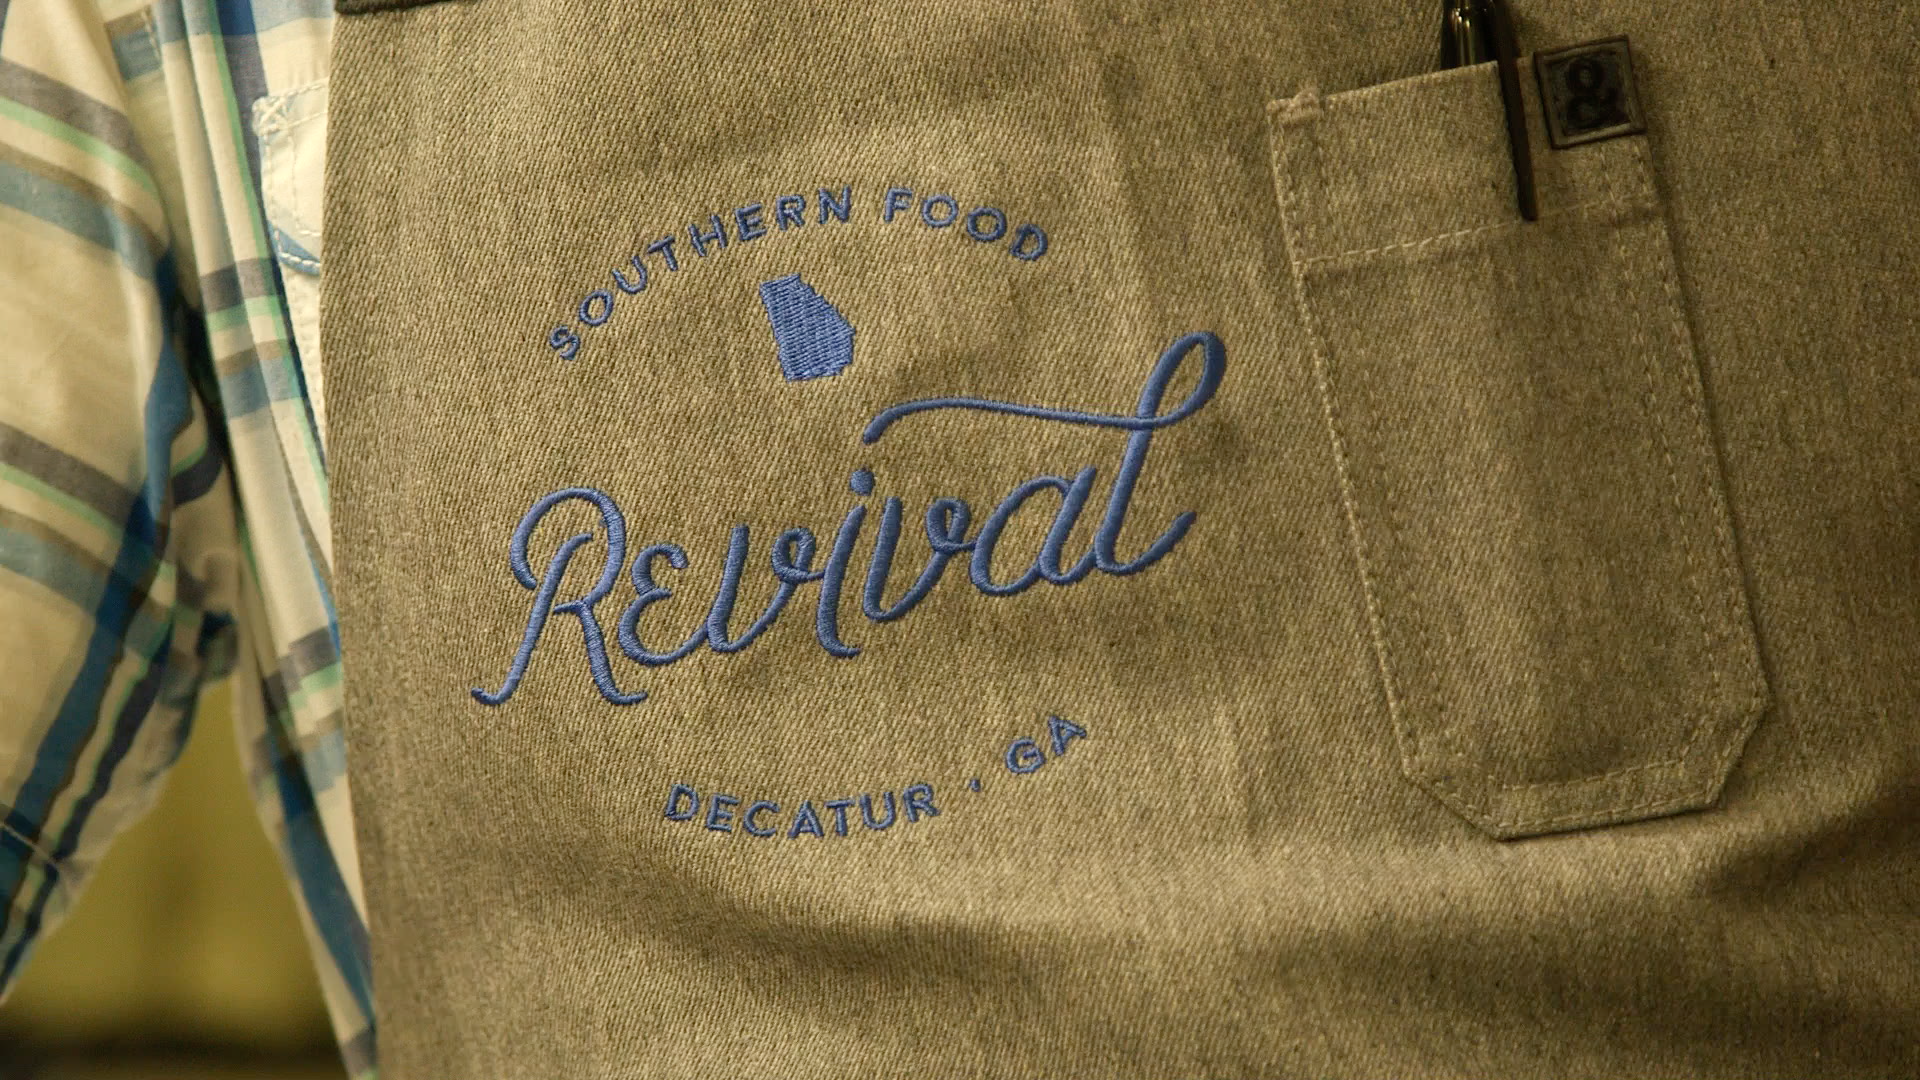 Revival apron.png